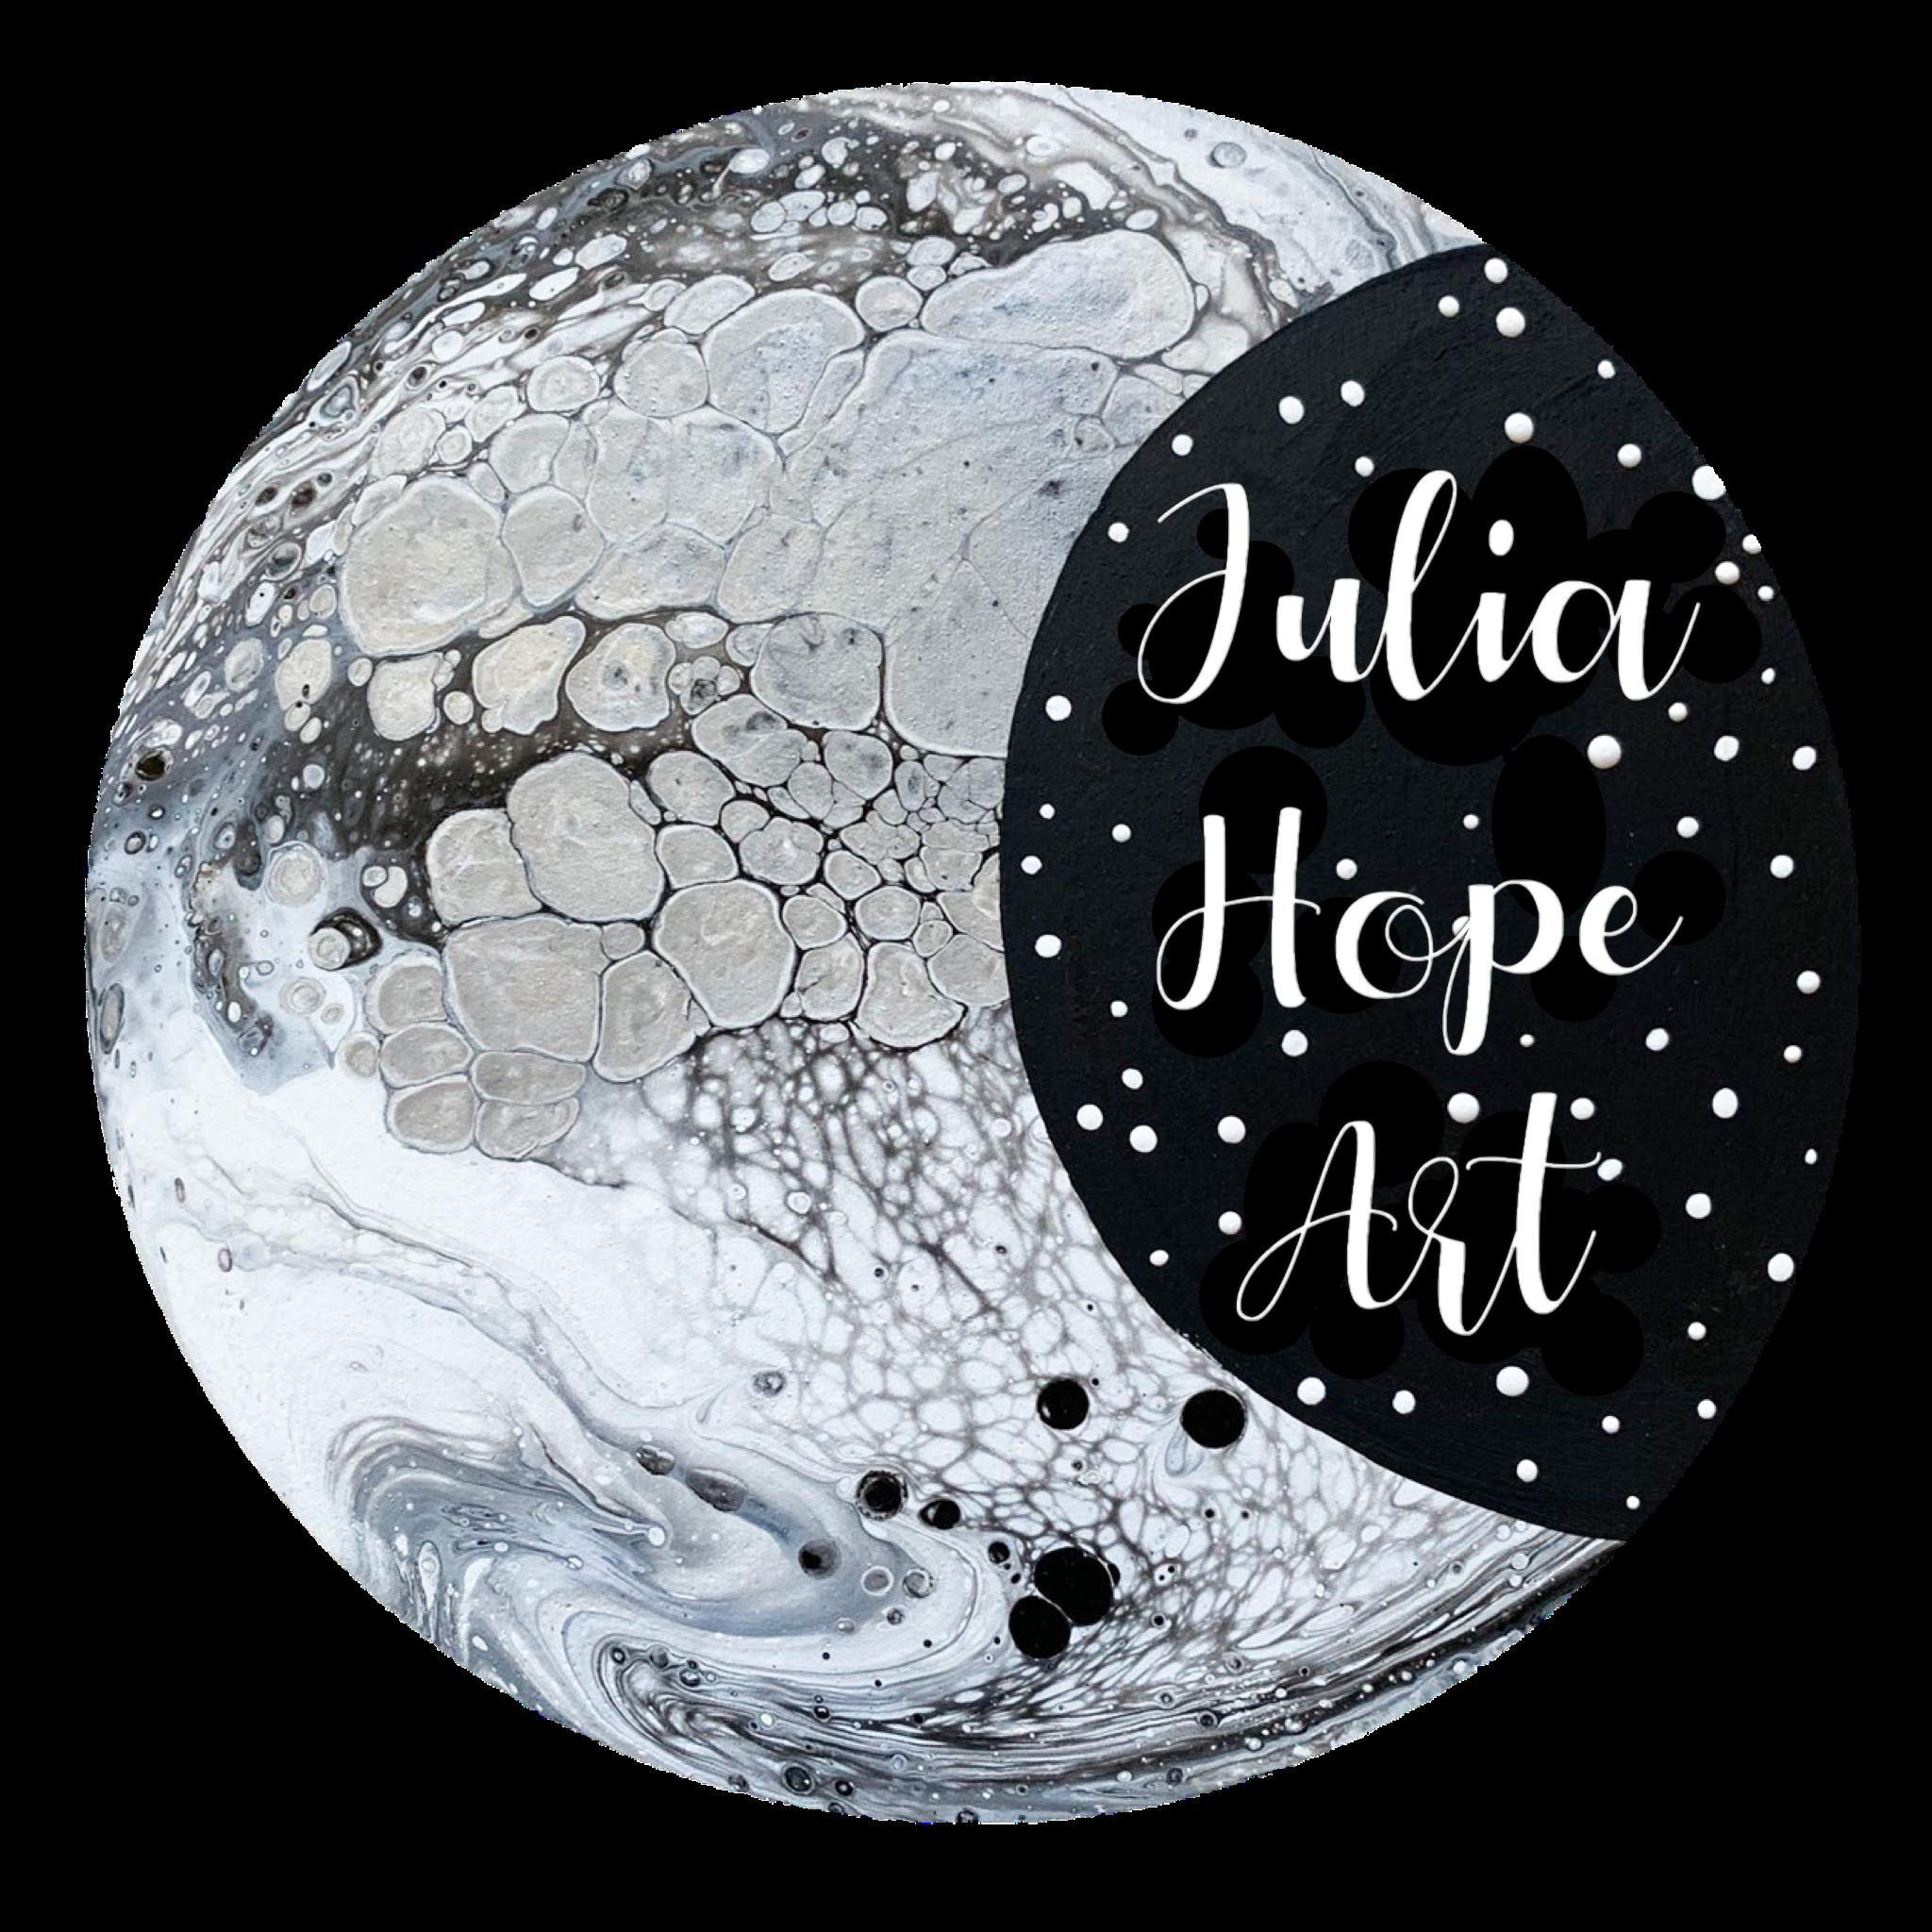 Julia Hope Art